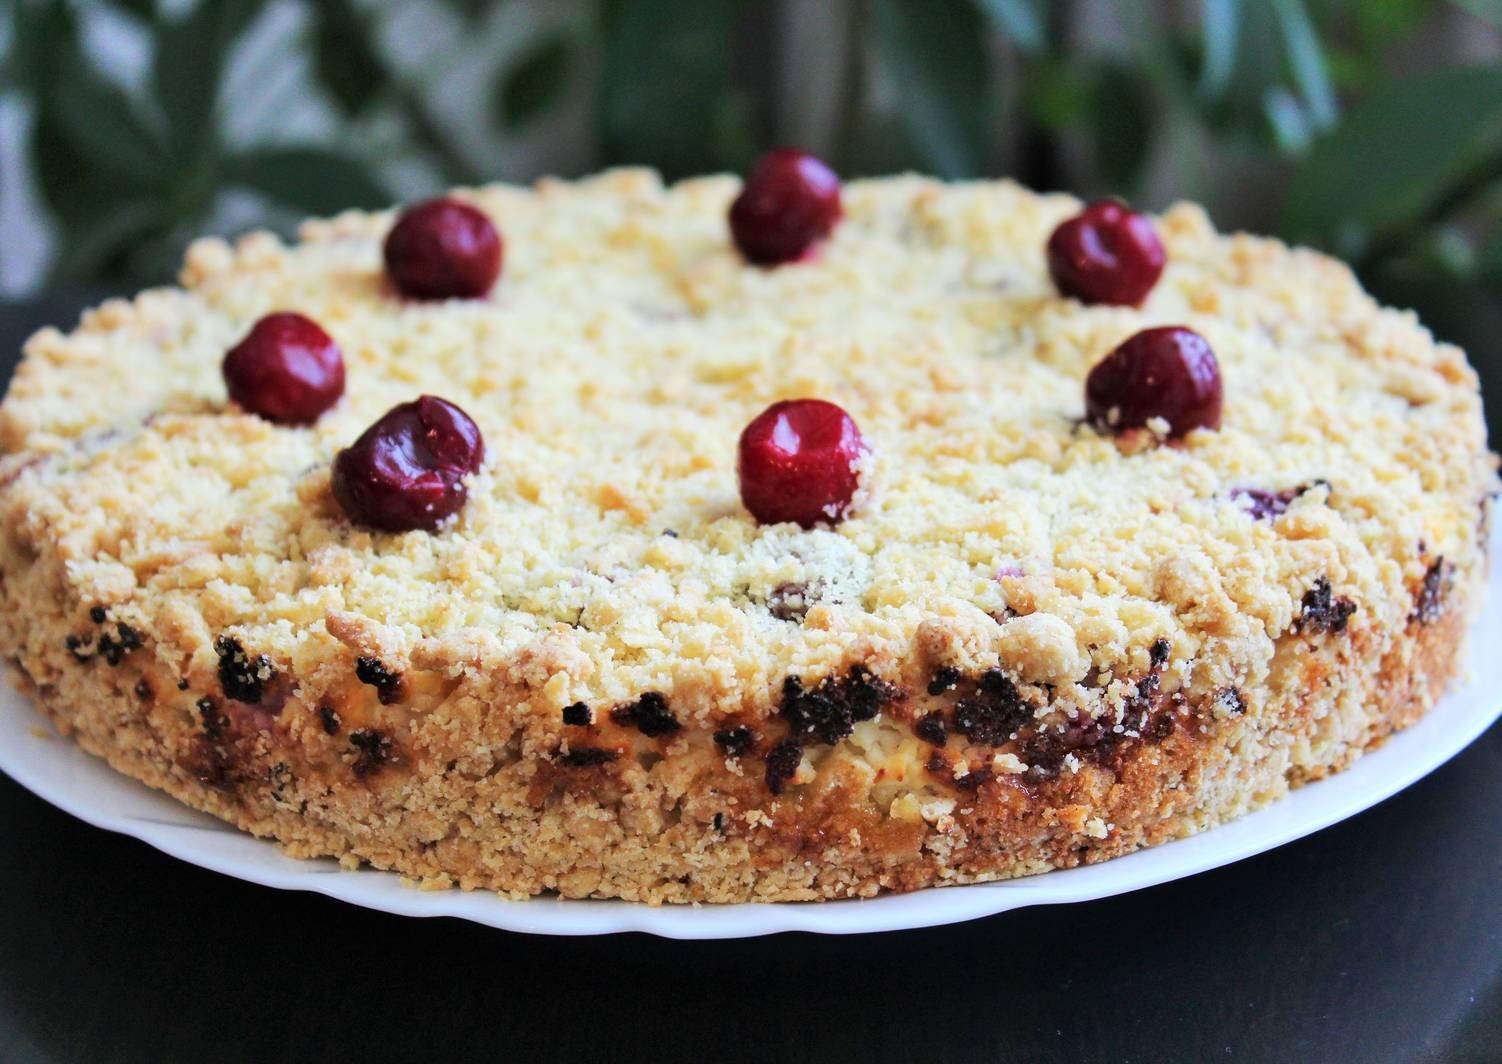 творожный пирог с вишней рецепт фото описывается как